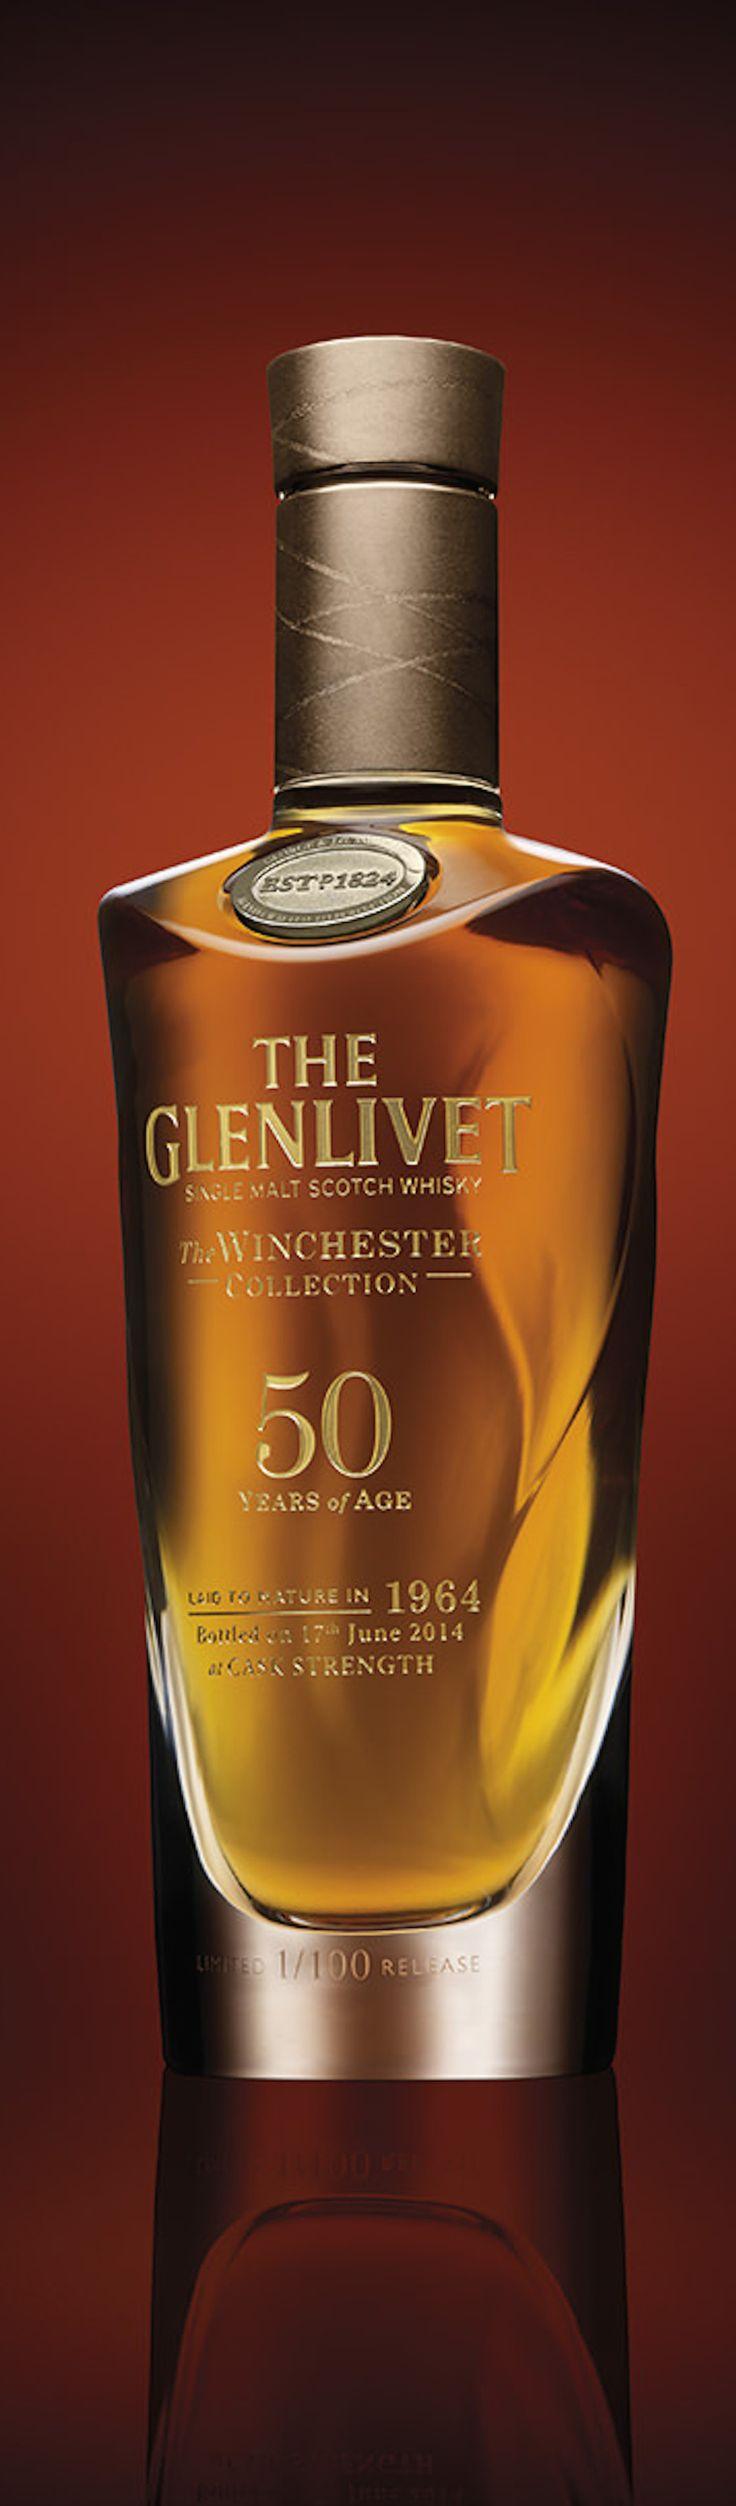 The Glenlivet Winchester-Vintage collection....